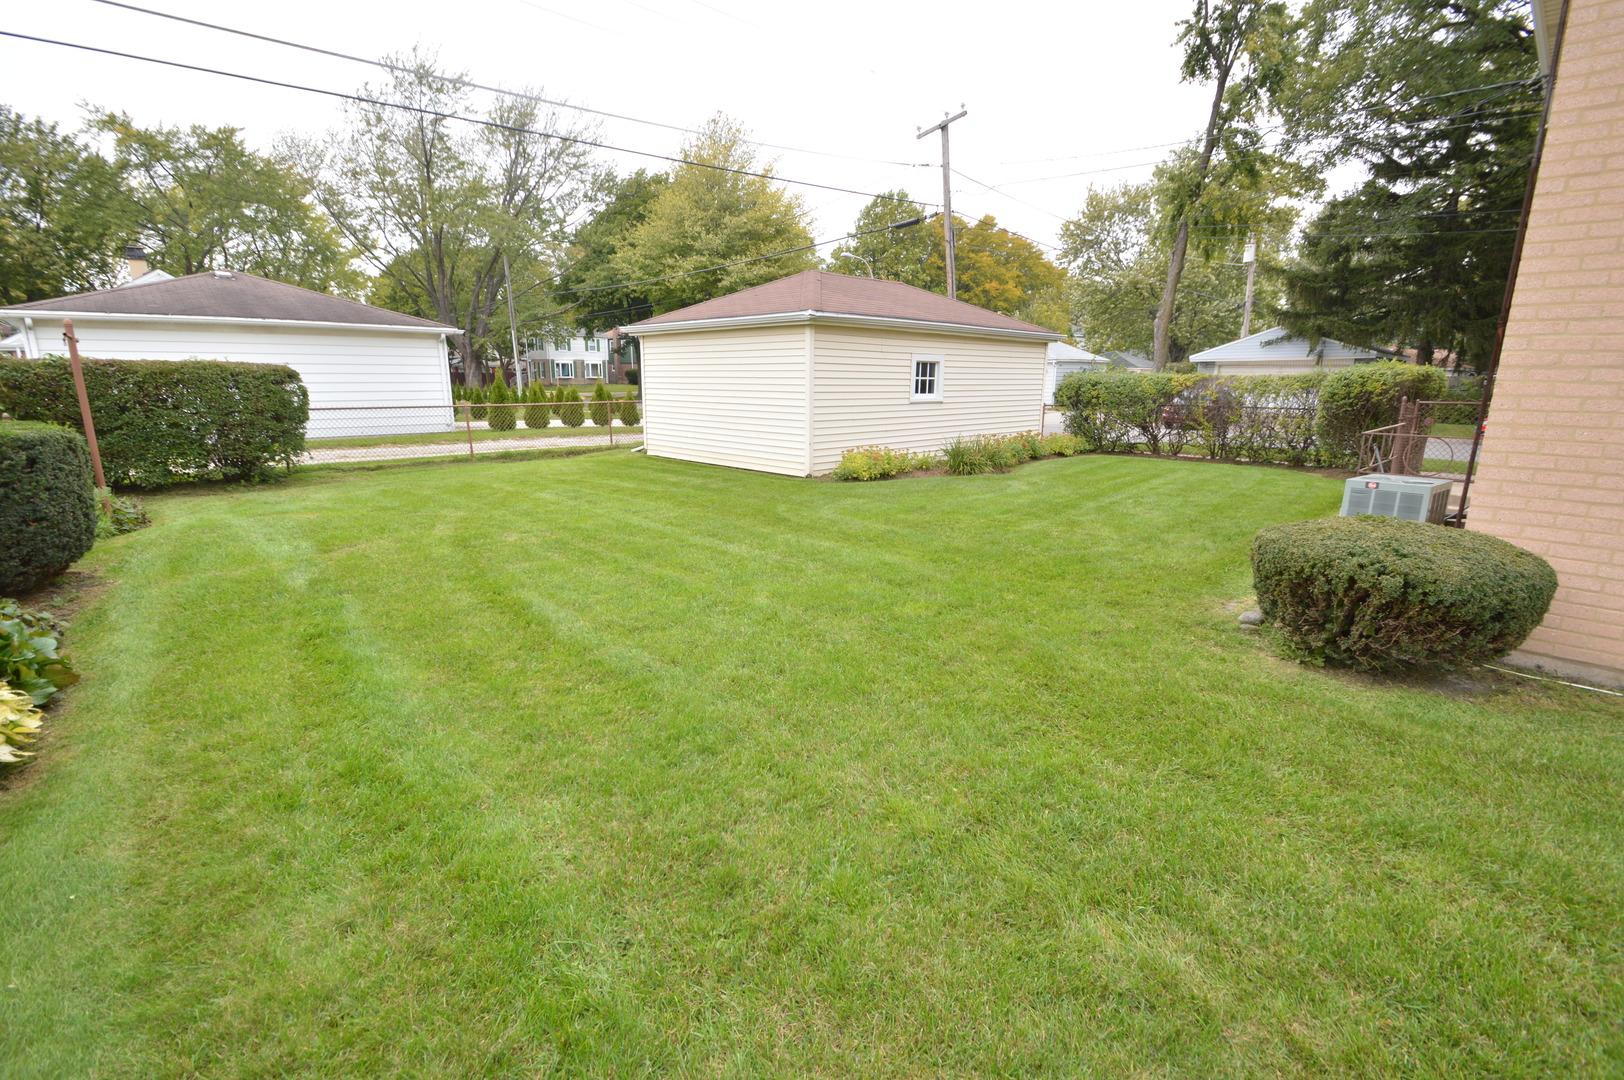 900 Gardner, Westchester, Illinois, 60154